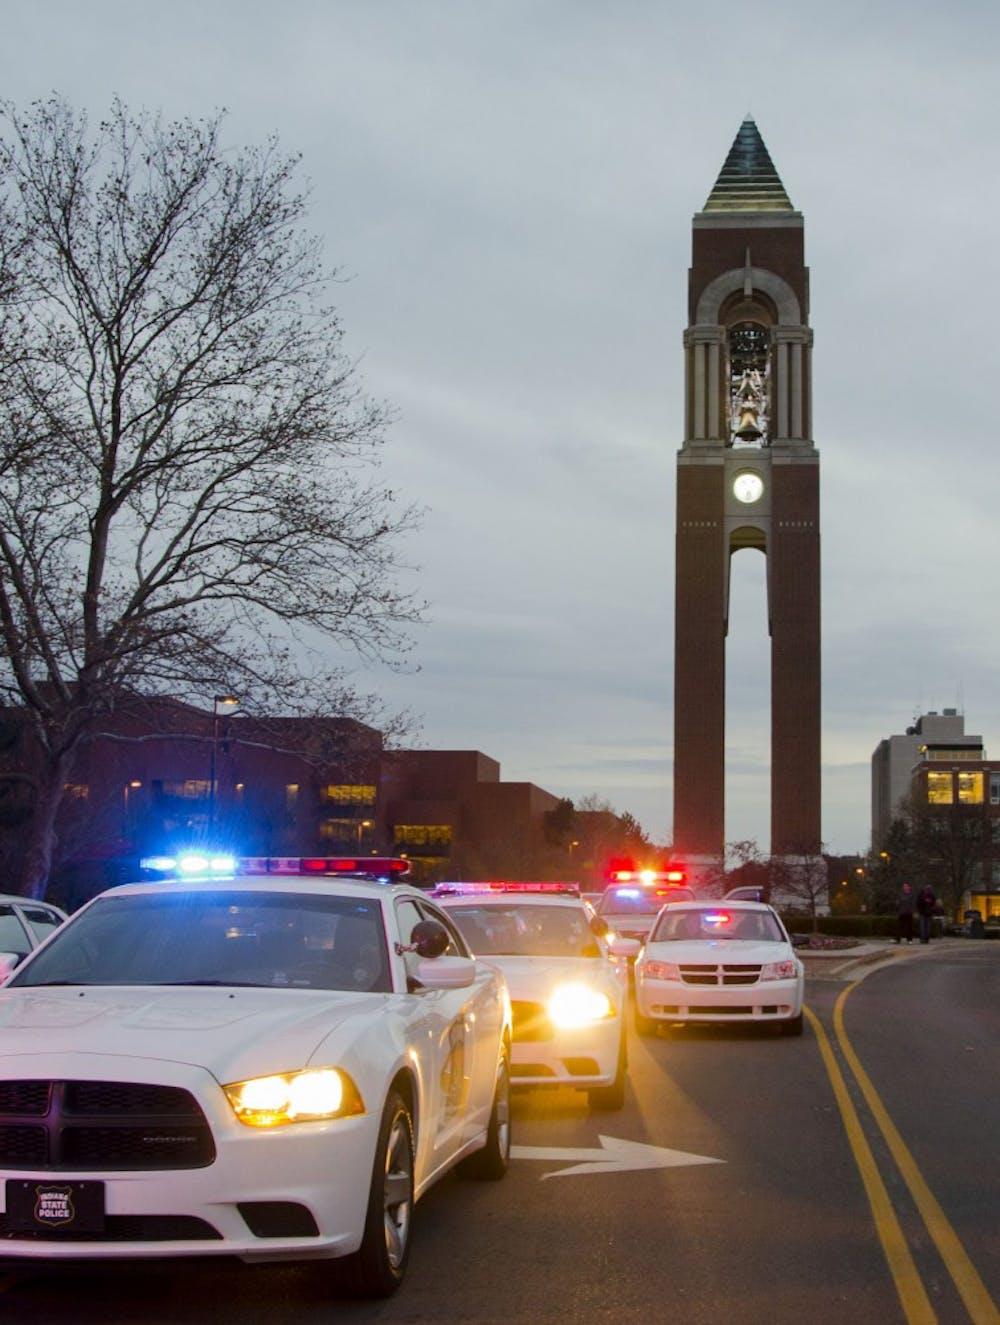 University police make 5 arrests over Super Bowl weekend